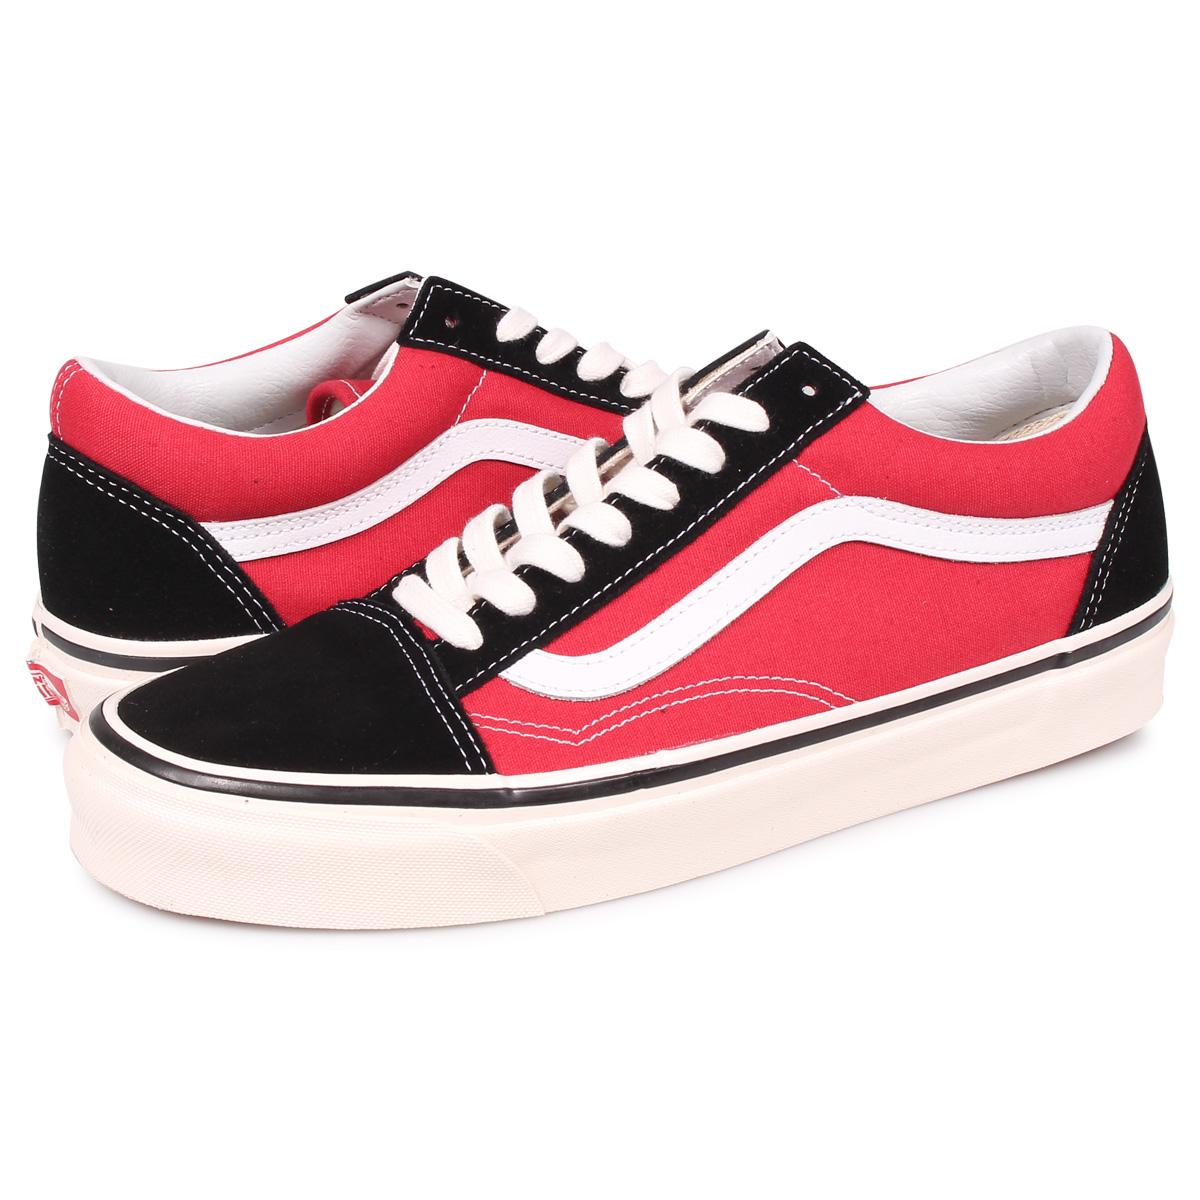 VANS OLD SKOOL 36 DX vans old school sneakers men gap Dis station wagons red VN0A38G2UBS